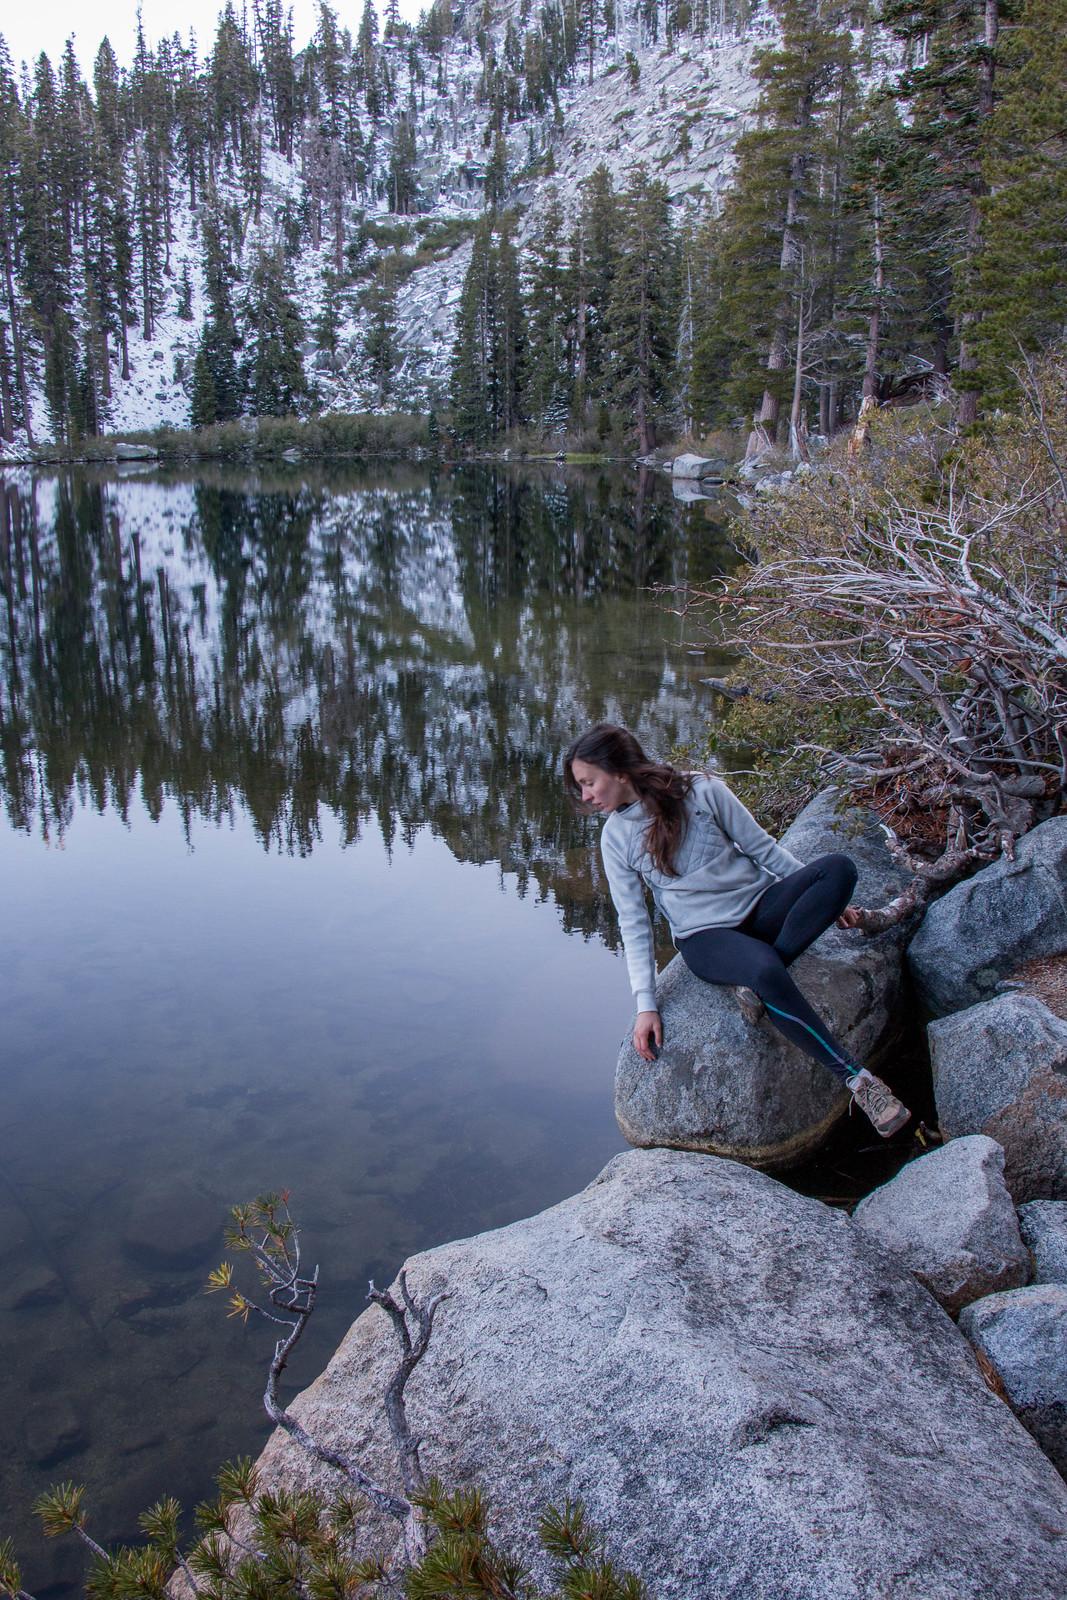 09.23. Granite Lake